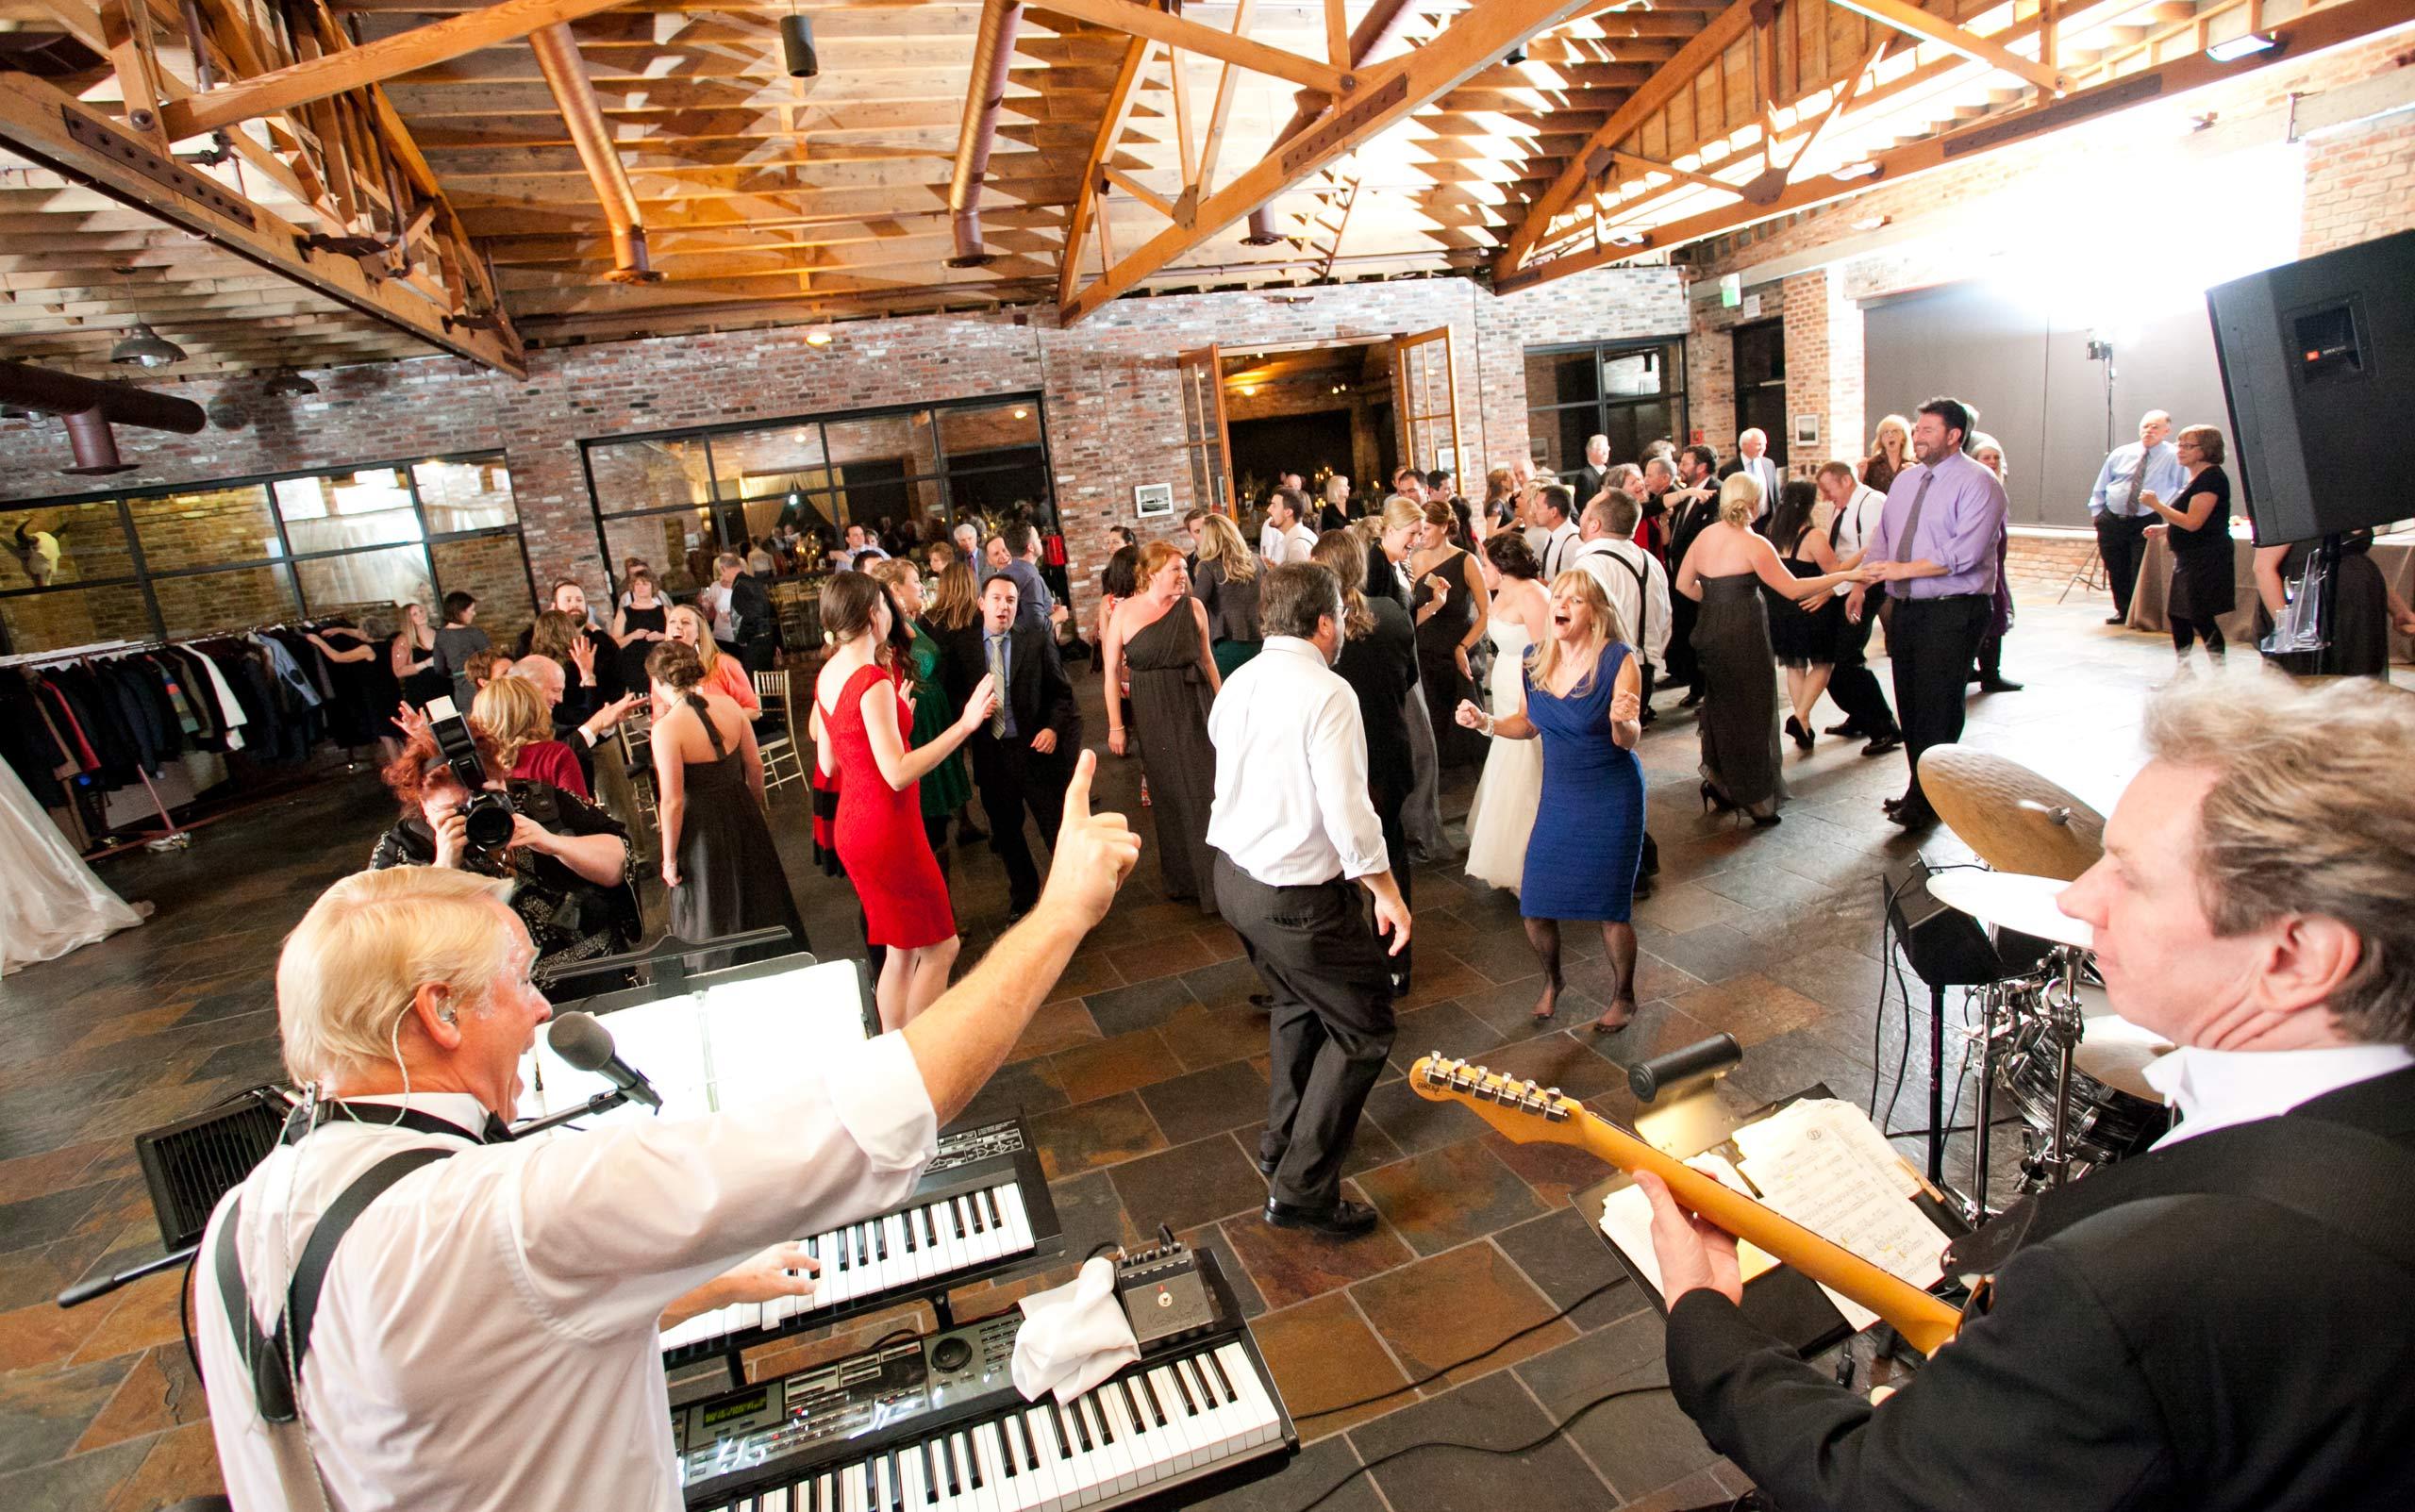 Car Rental Tacoma Wa: Weddings & Events Tacoma